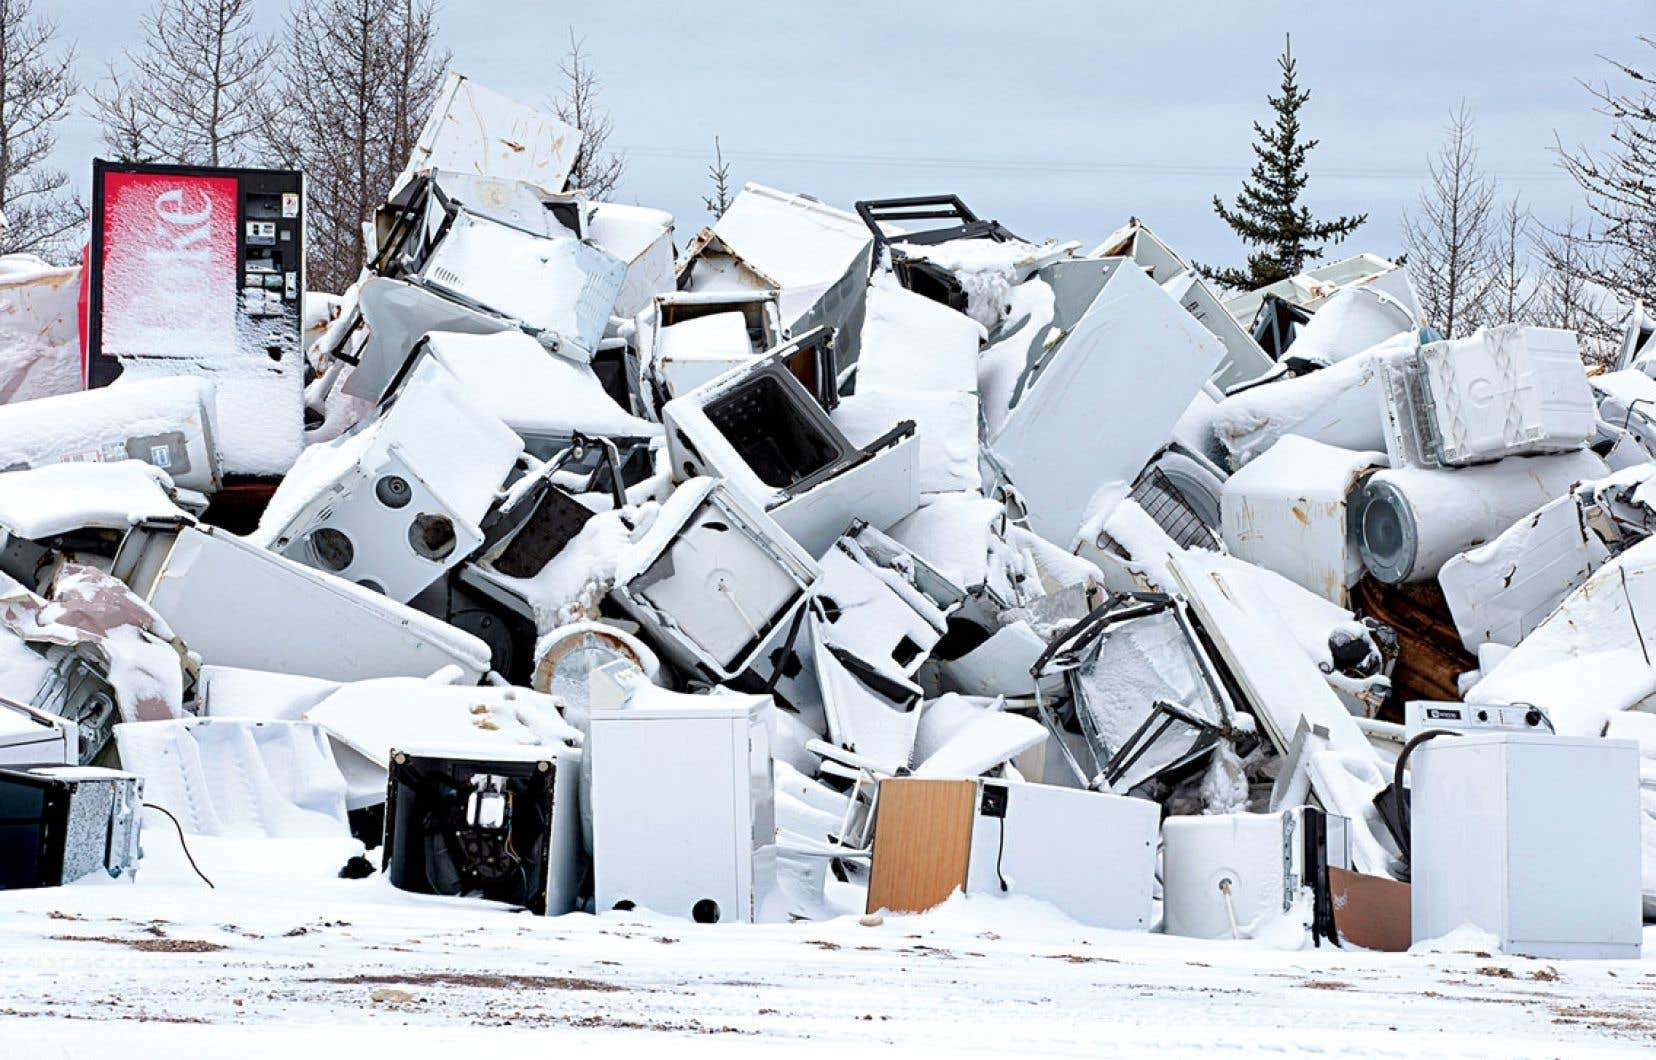 Le dépotoir est un habitat moins bucolique que la toundra, mais on peut y croiser des ours polaires attirés par les rebus ménagers des quelque 800 habitants de Churchill.